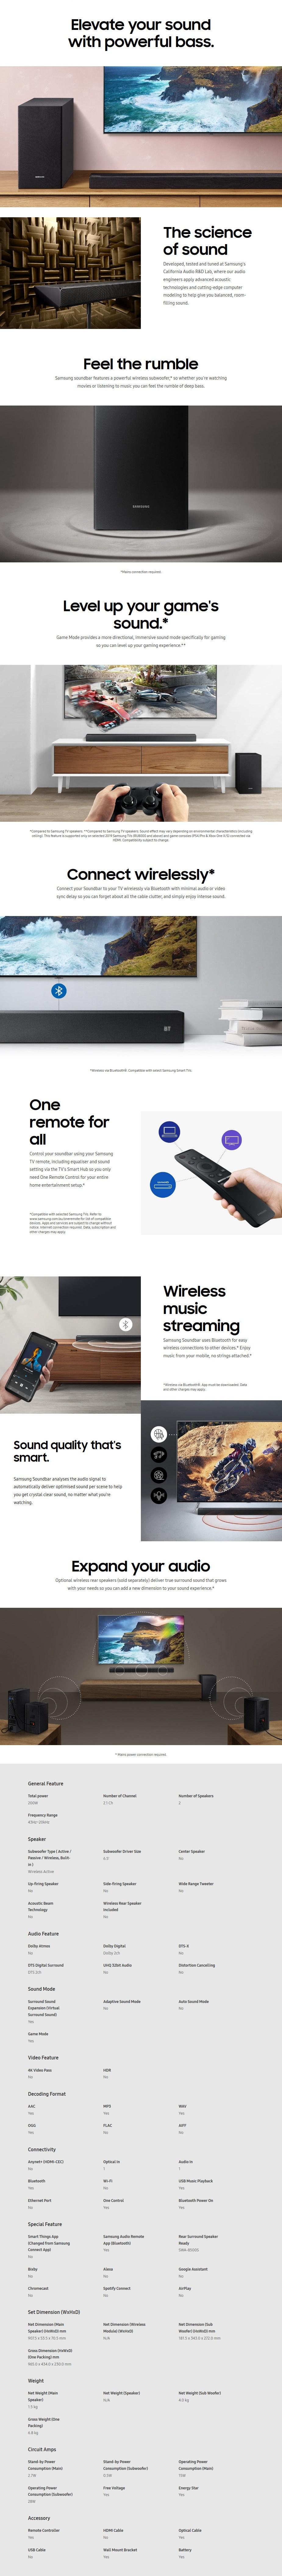 Samsung Series 4 HW-R450 2 1 Bluetooth Soundbar - HW-R450/XY | Mwave